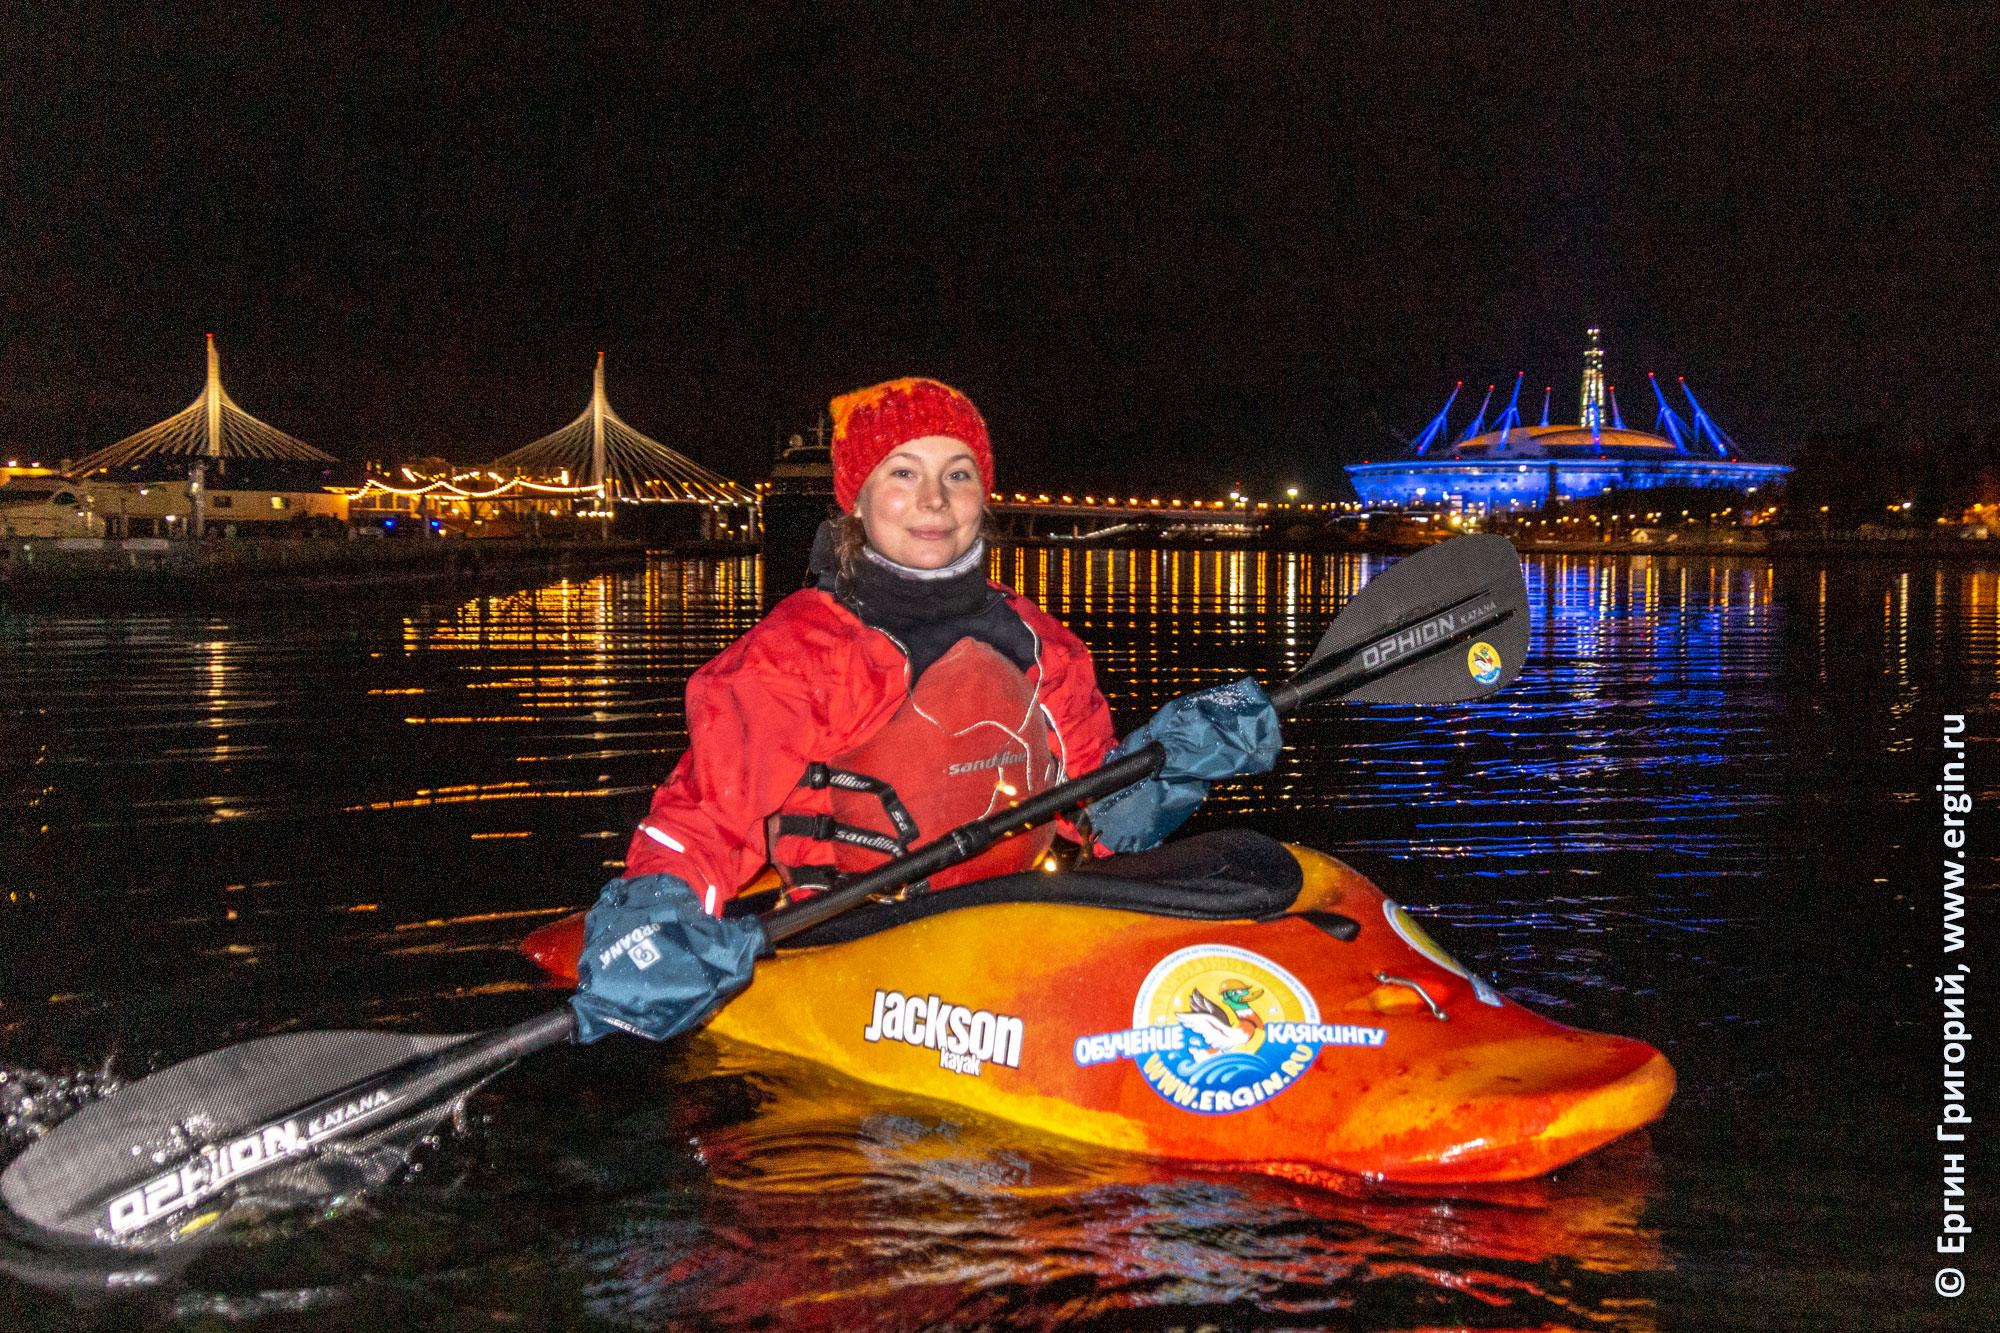 Каякер между вантовым мостом на ЗСД и стадионом Санкт-Петербург ночью с подсветкой